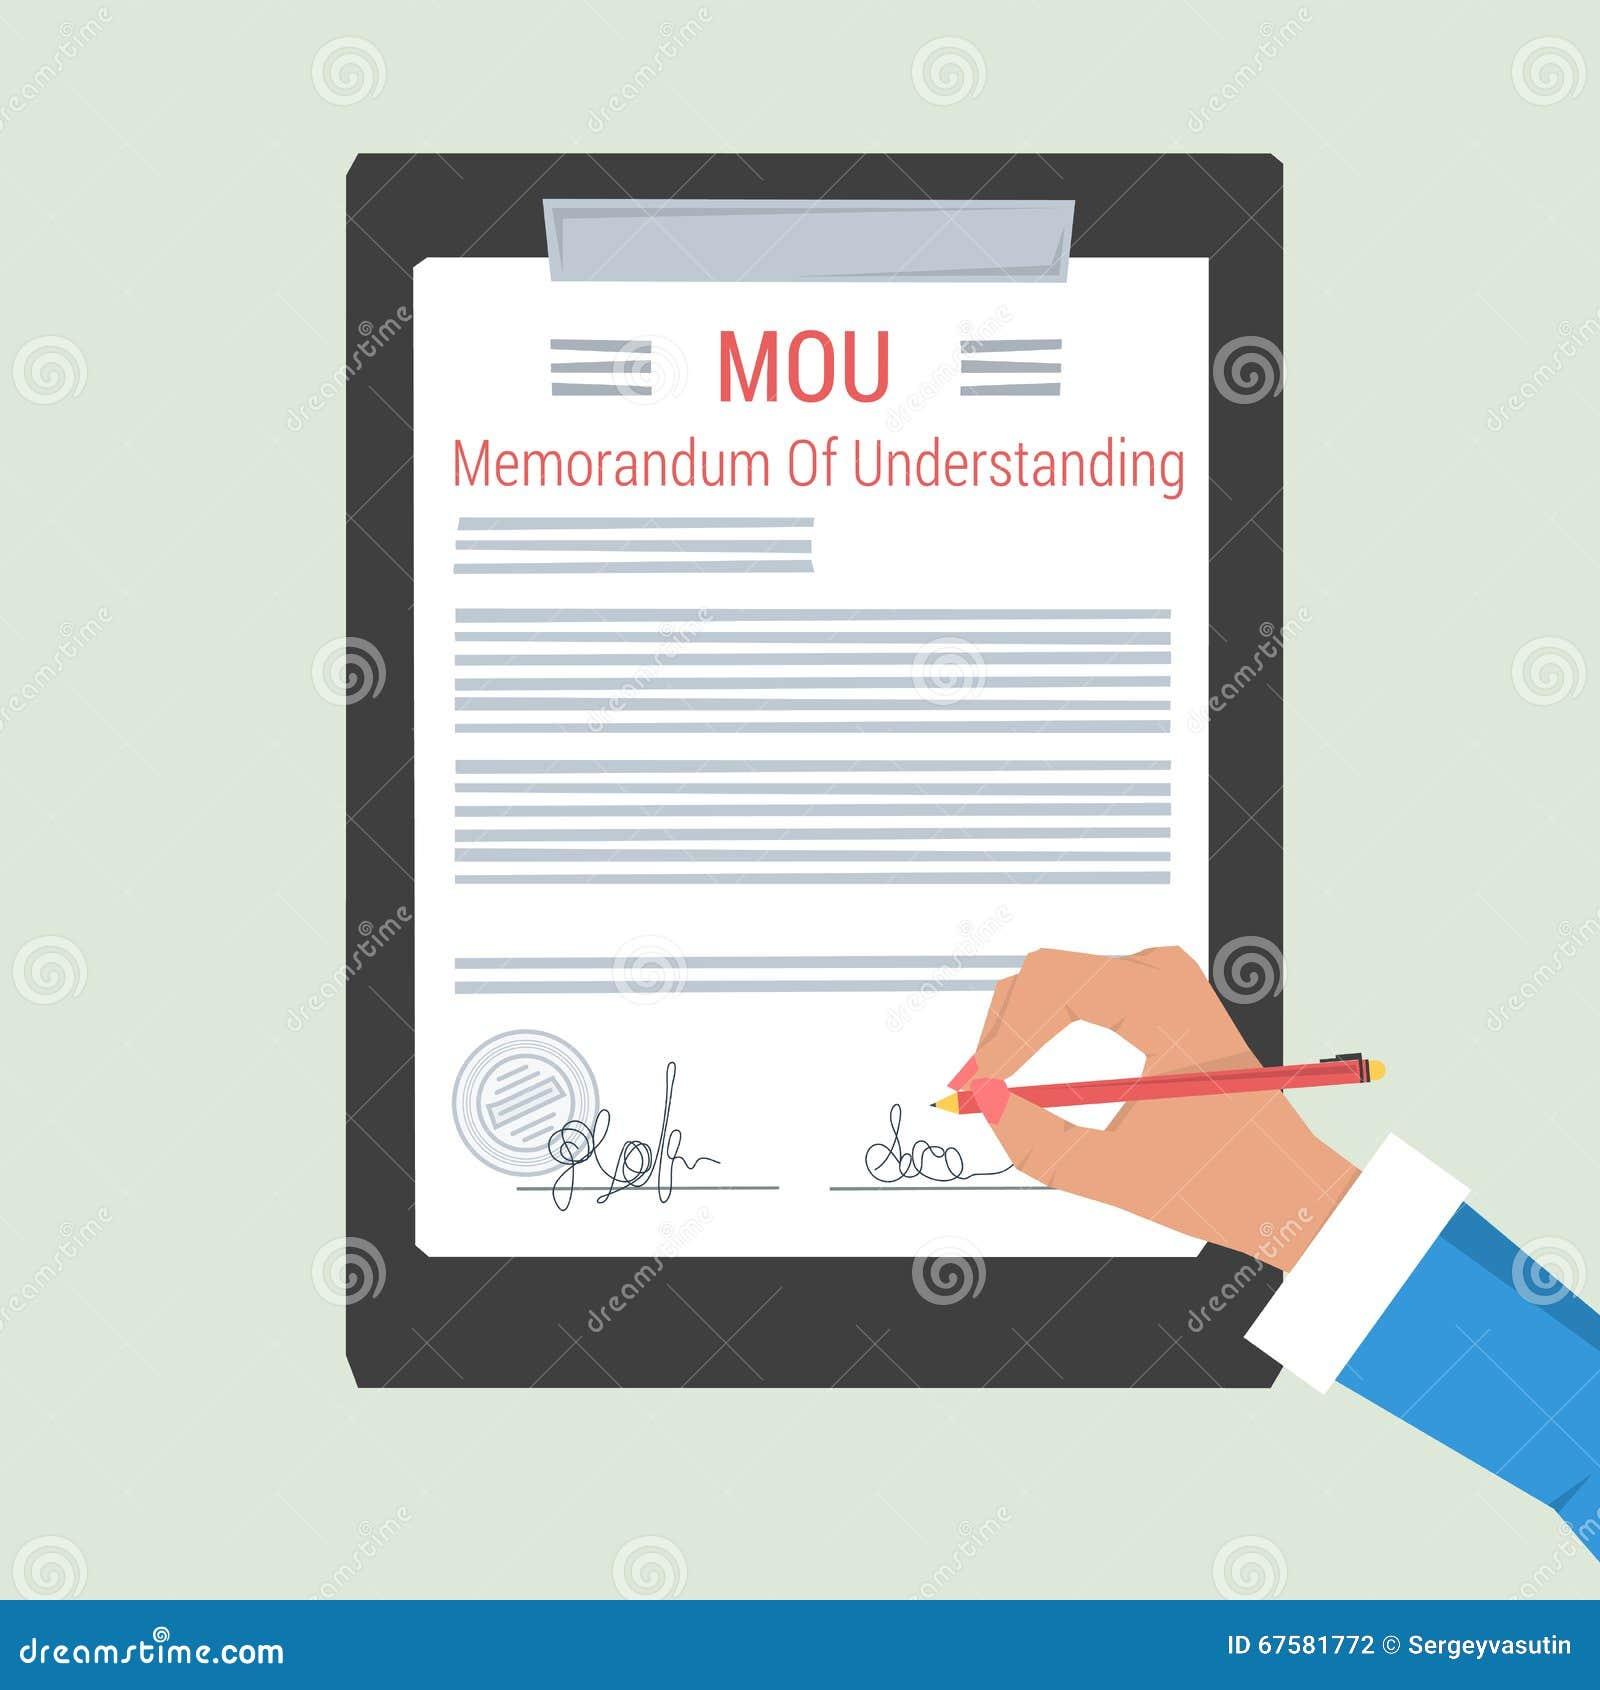 concept memorandum of understanding stock illustration image concept memorandum of understanding